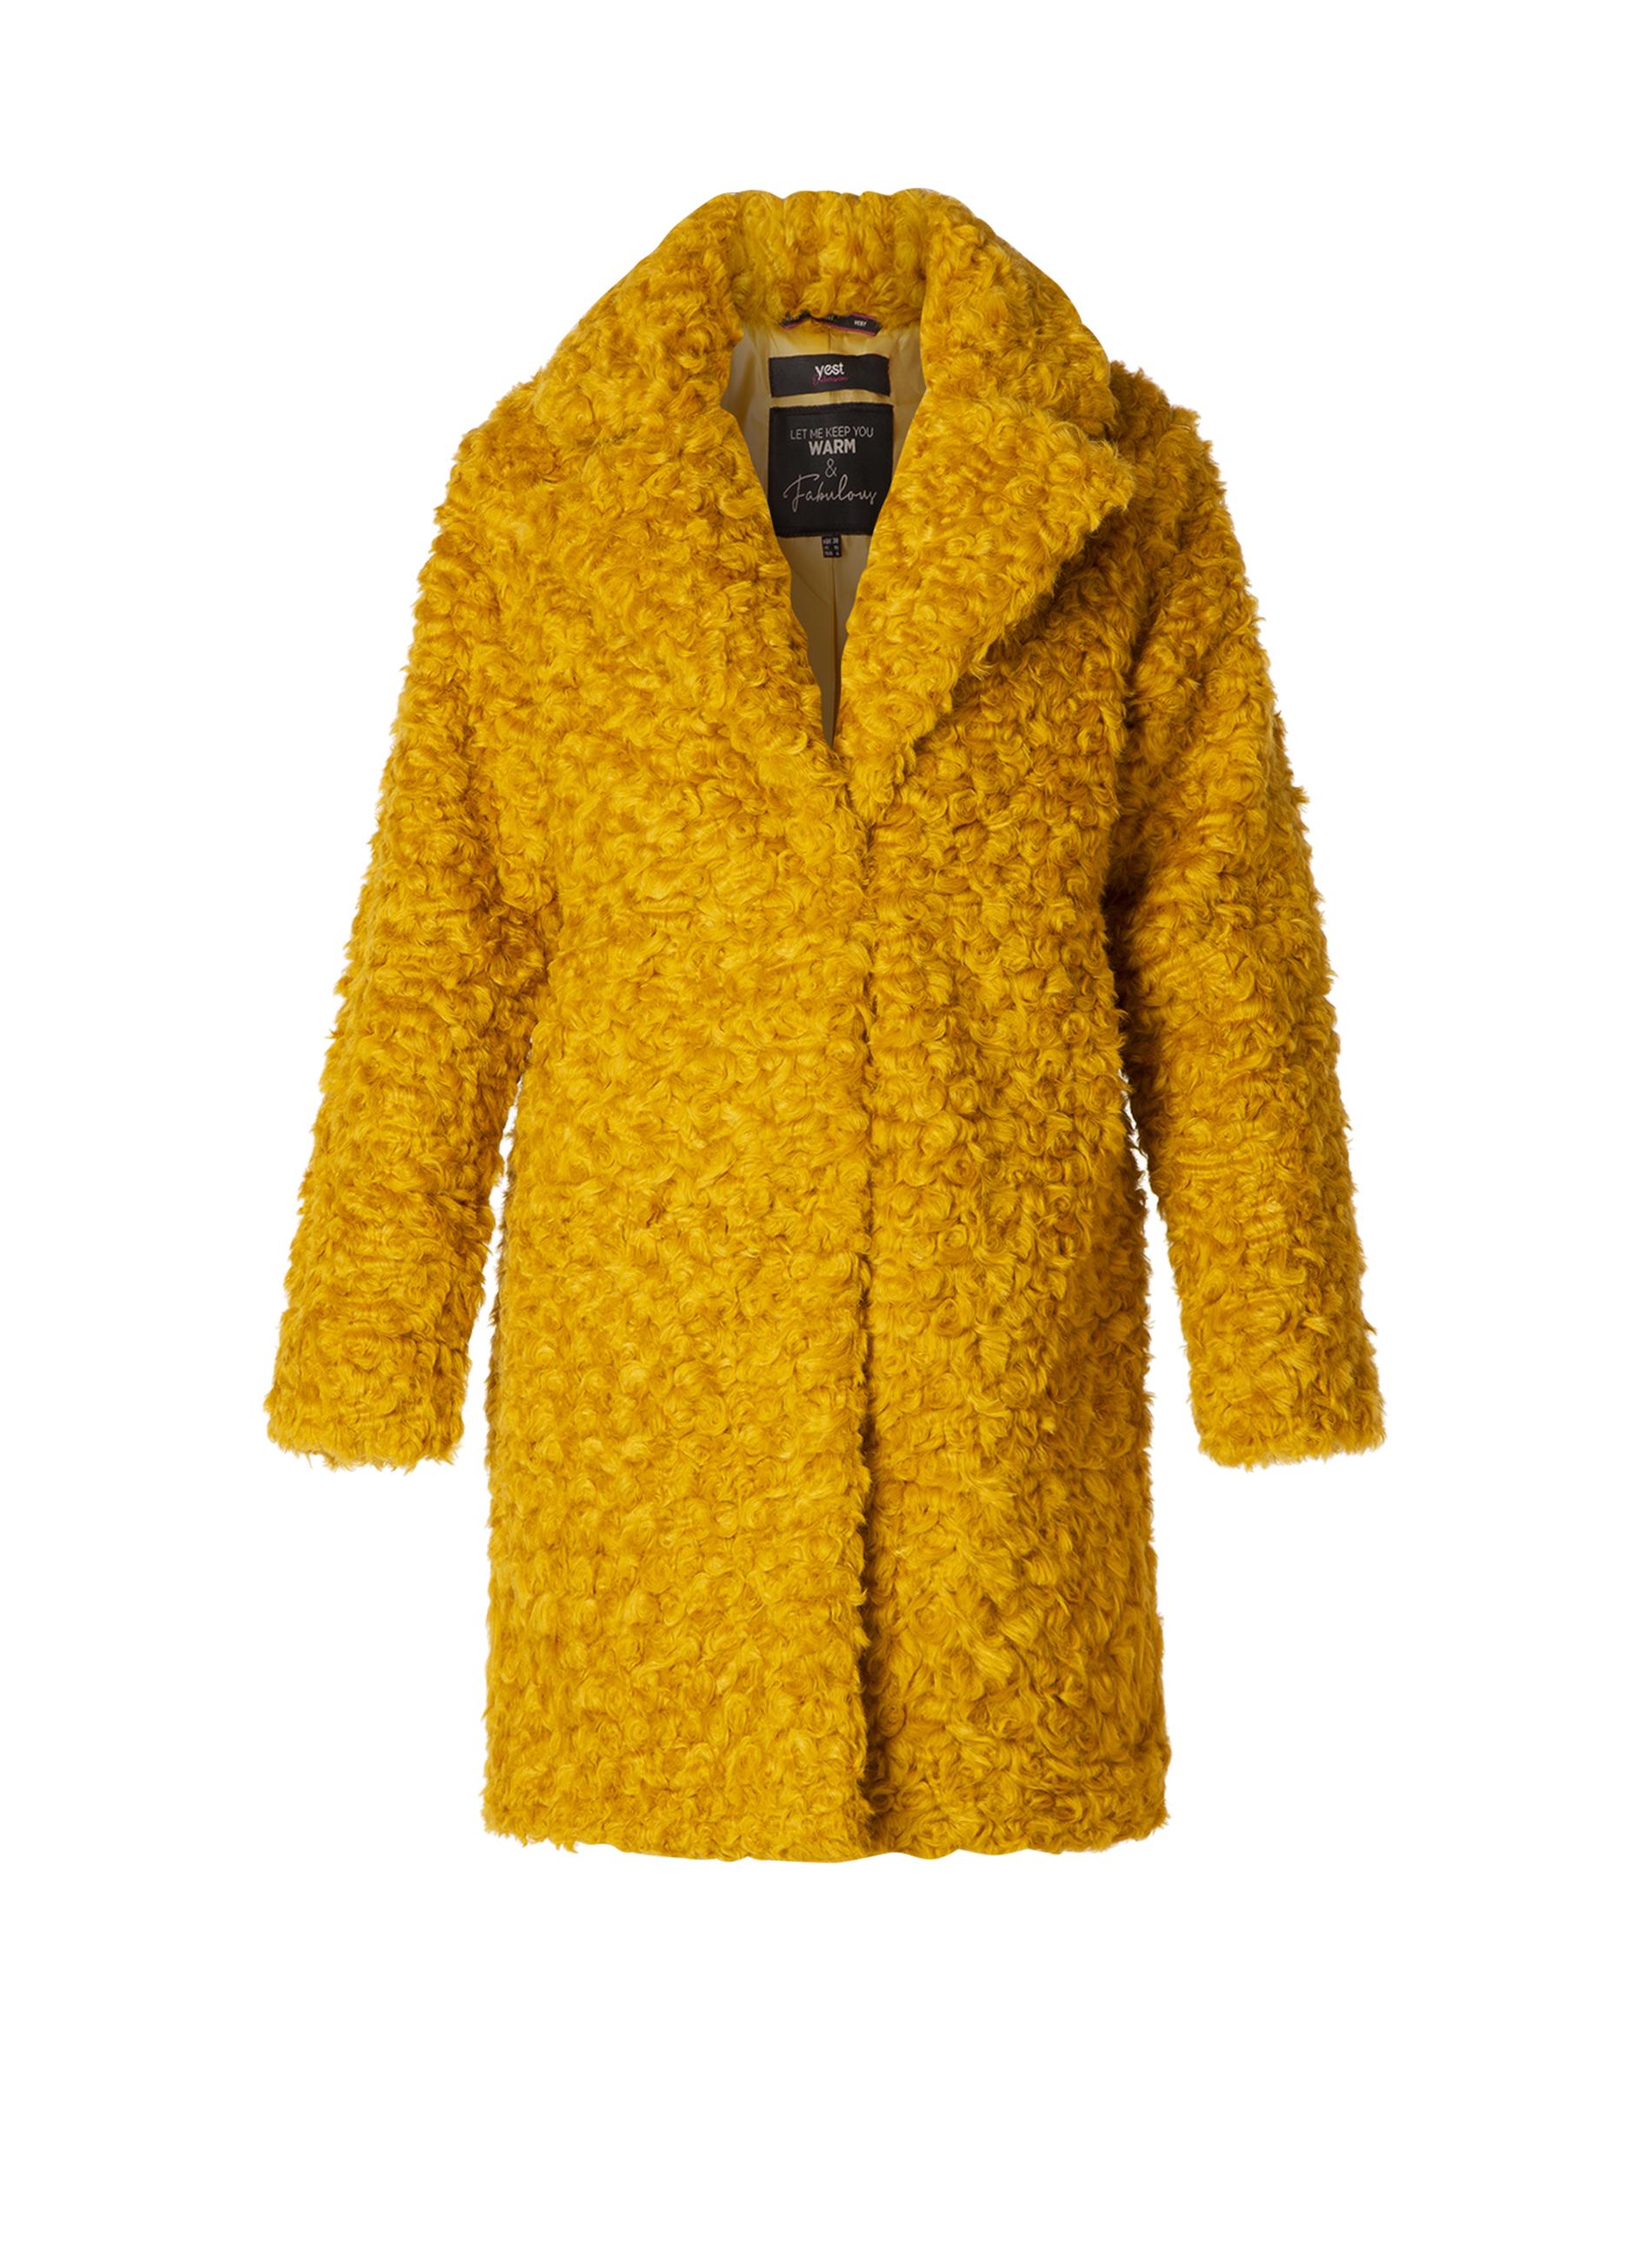 Jas Winter Outerwear Yesta 100 cm